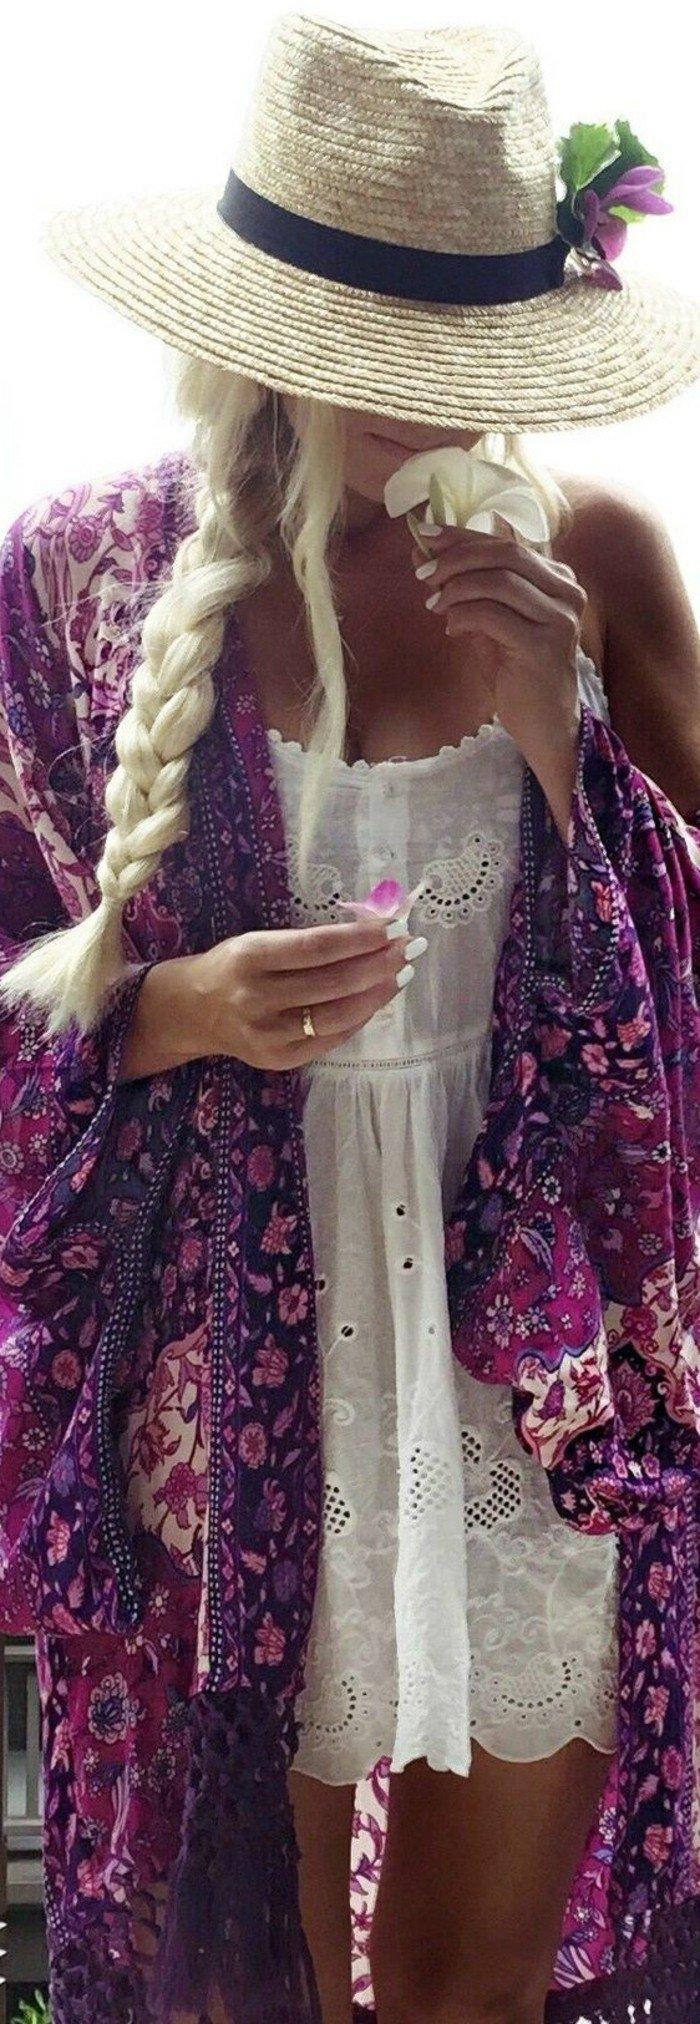 Kimono-für-Damen-in-rosa-lila-Nuancen